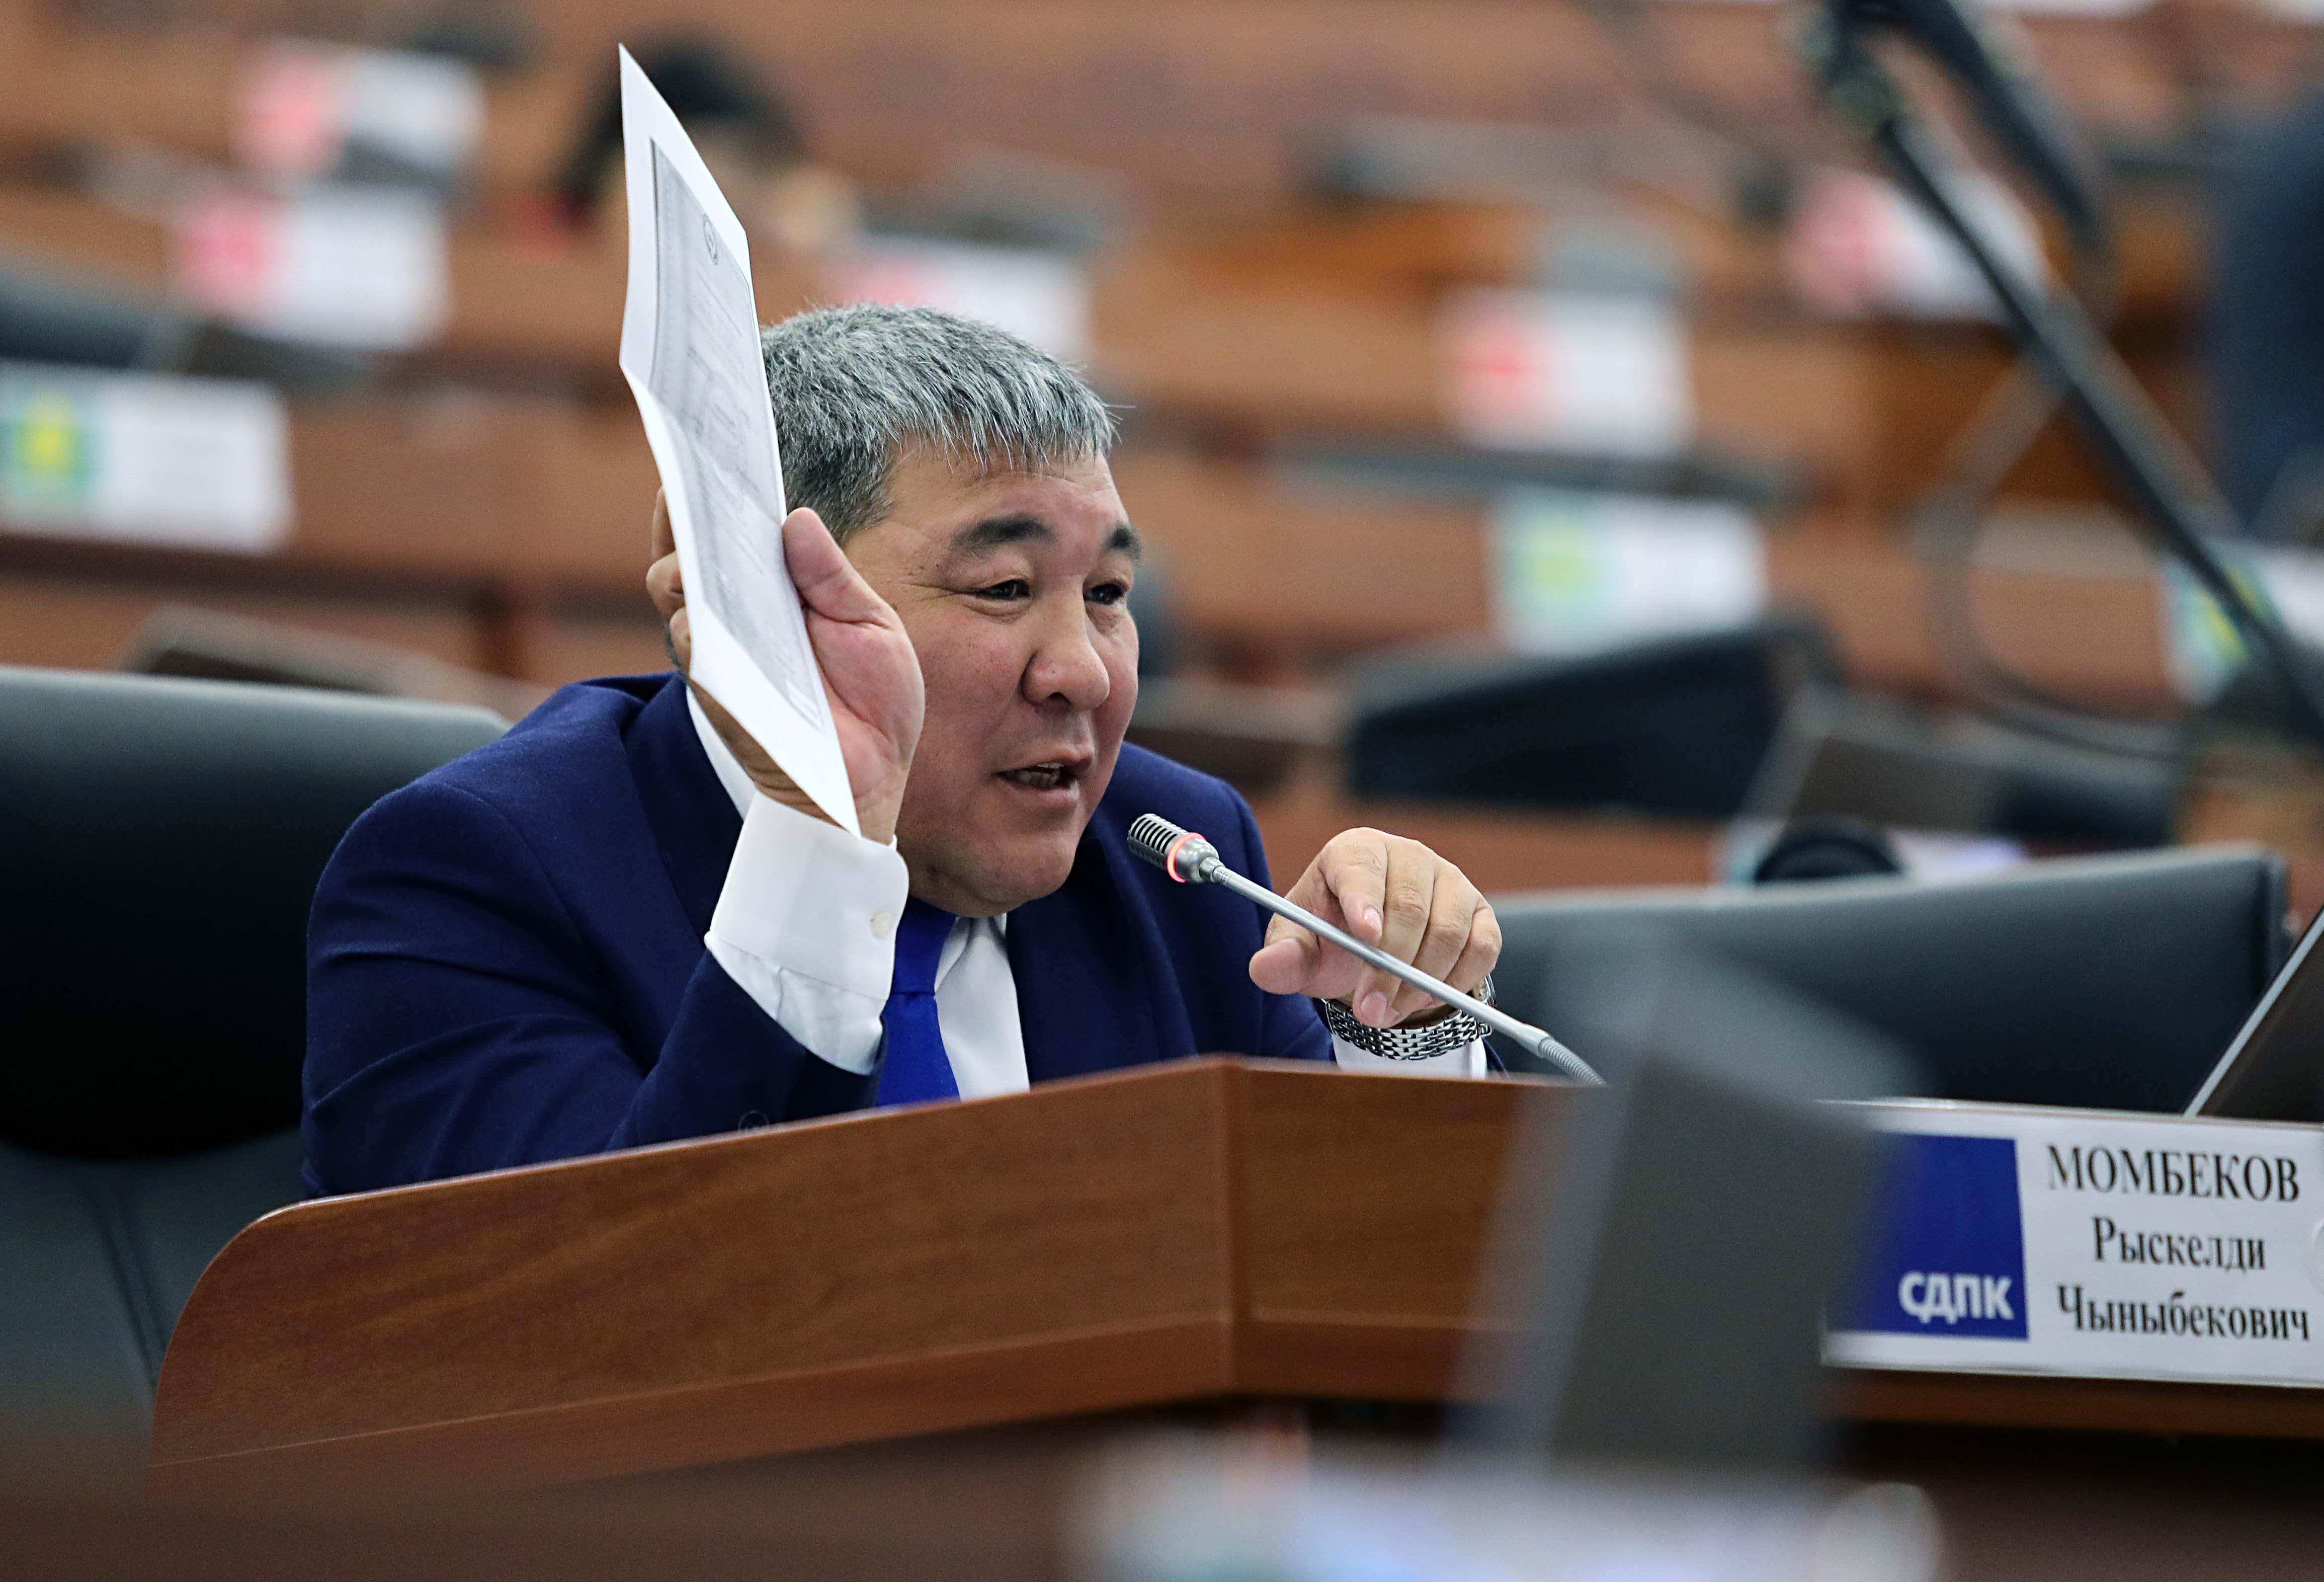 """Момбеков: Эмне, эми """"Кыргызпочтасы"""" мамлекеттик ишканасын банкрот кылганы жатасыңарбы?"""